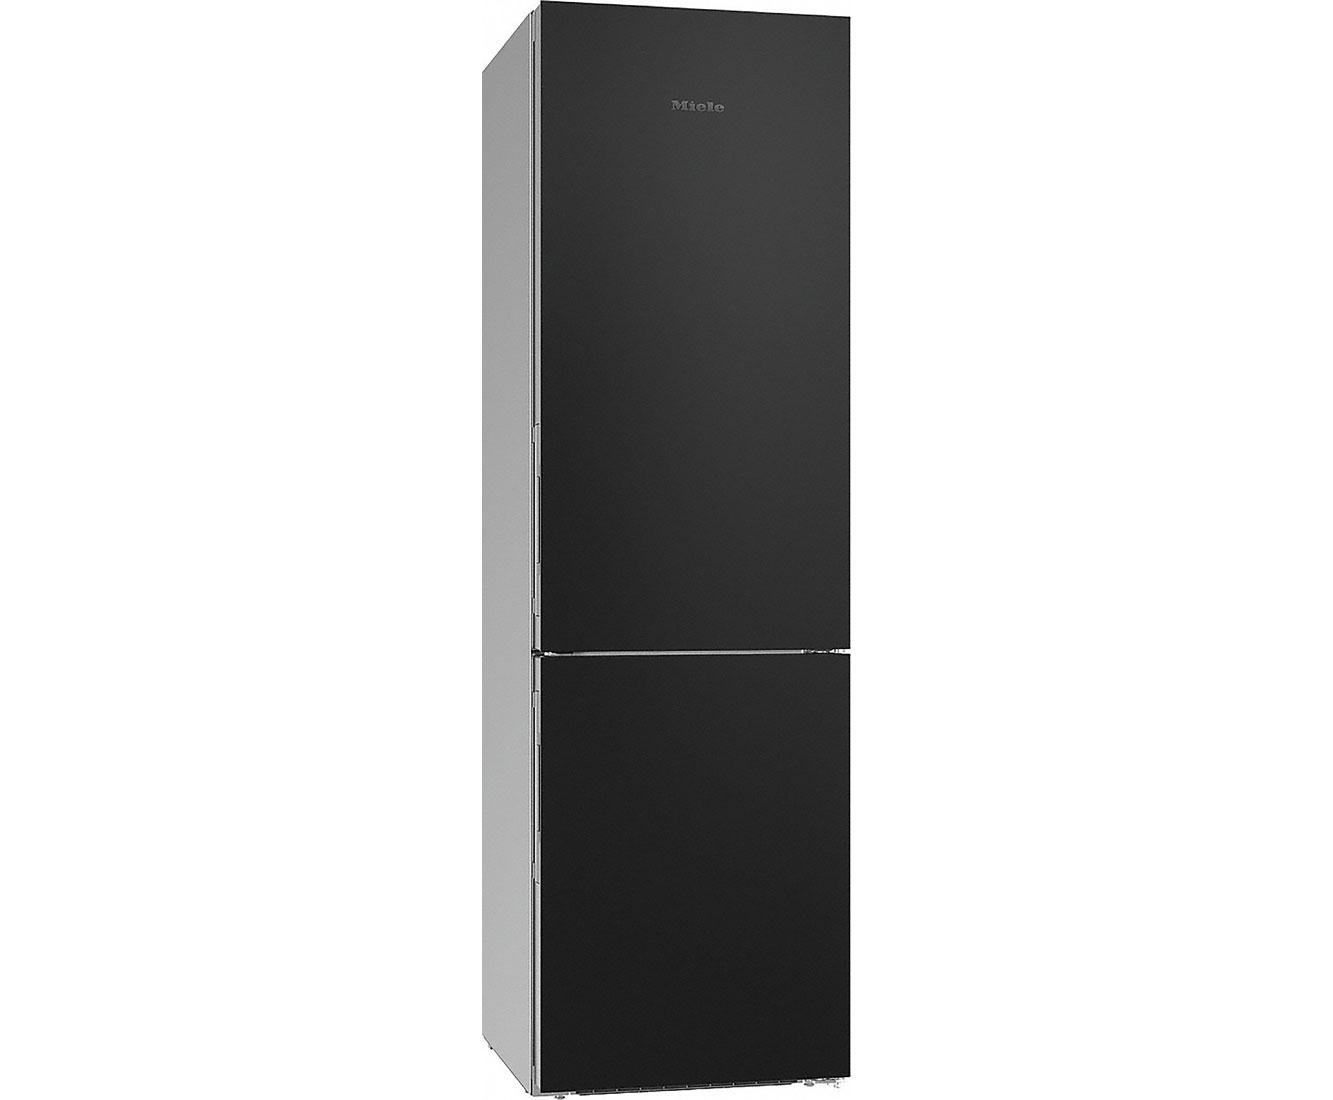 Kühlschrank Nofrost : Miele kfn 29283 d bb kühl gefrierkombination mit no frost 60er